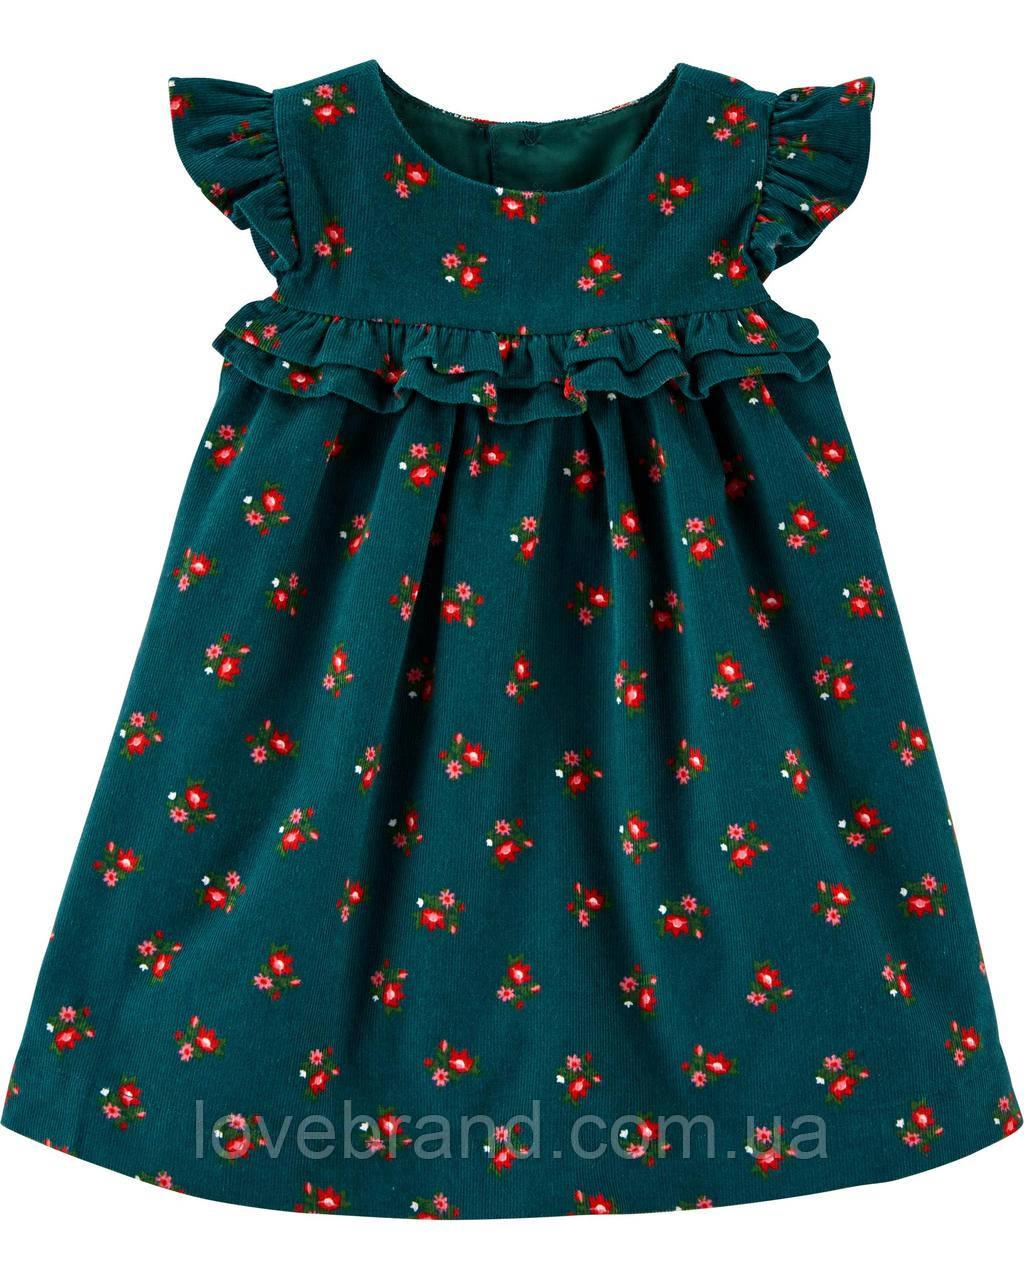 Нарядное велюровое платье для девочки Carter's зеленое в цветочки